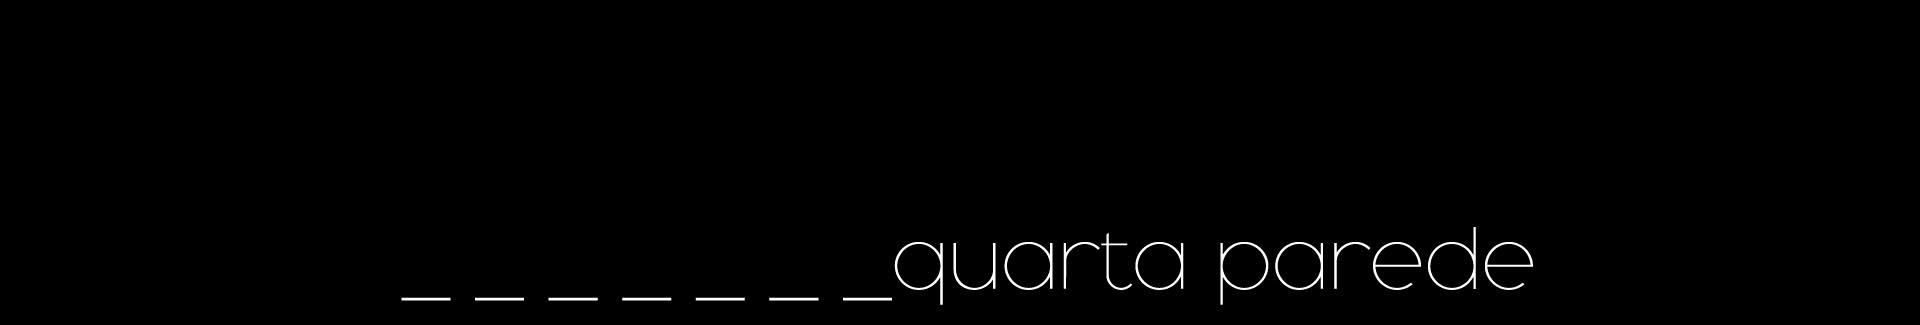 Banner do Podcast Quarta Parede